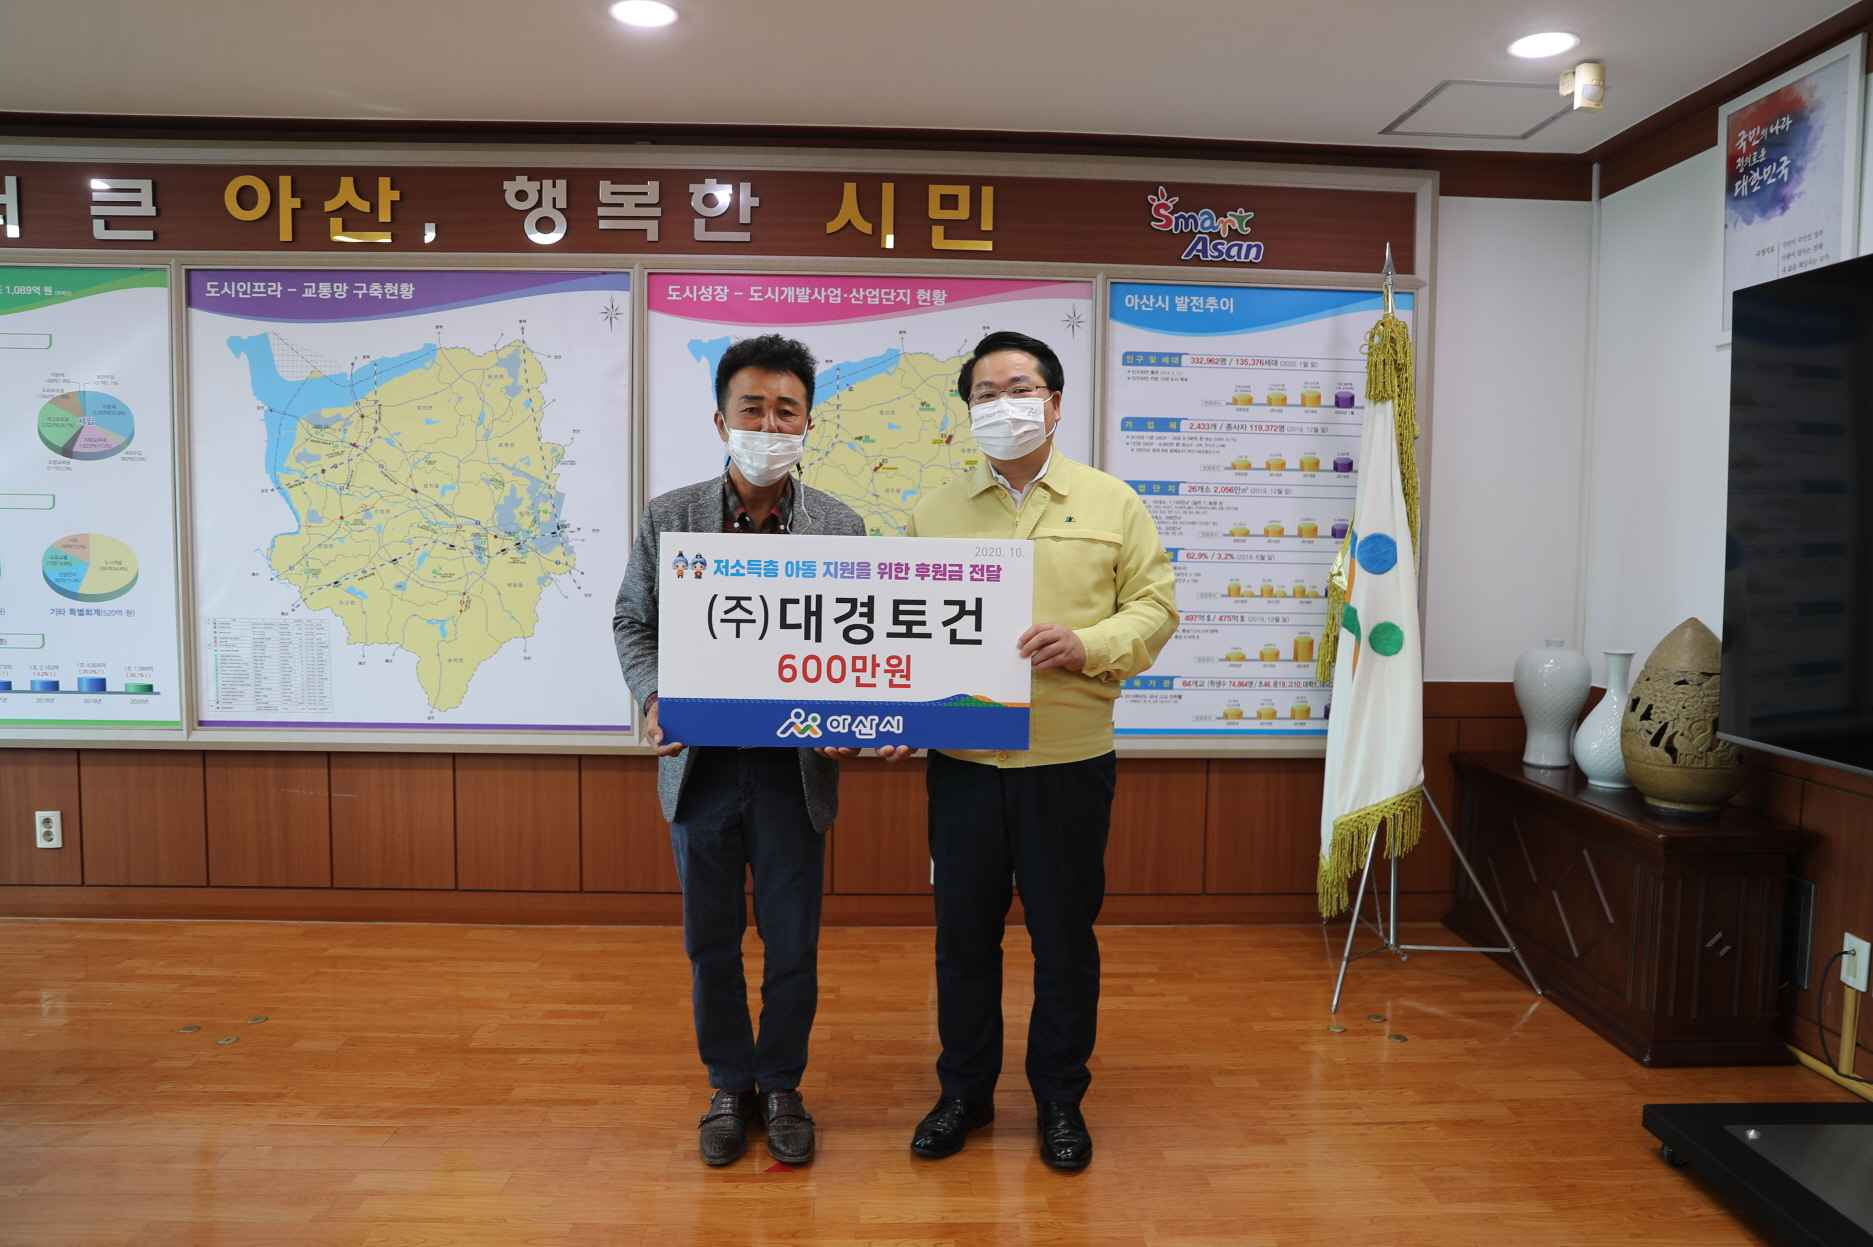 ㈜대경토건, 아산시에 가정위탁아동 지원 후원금 600만원 전달 관련사진